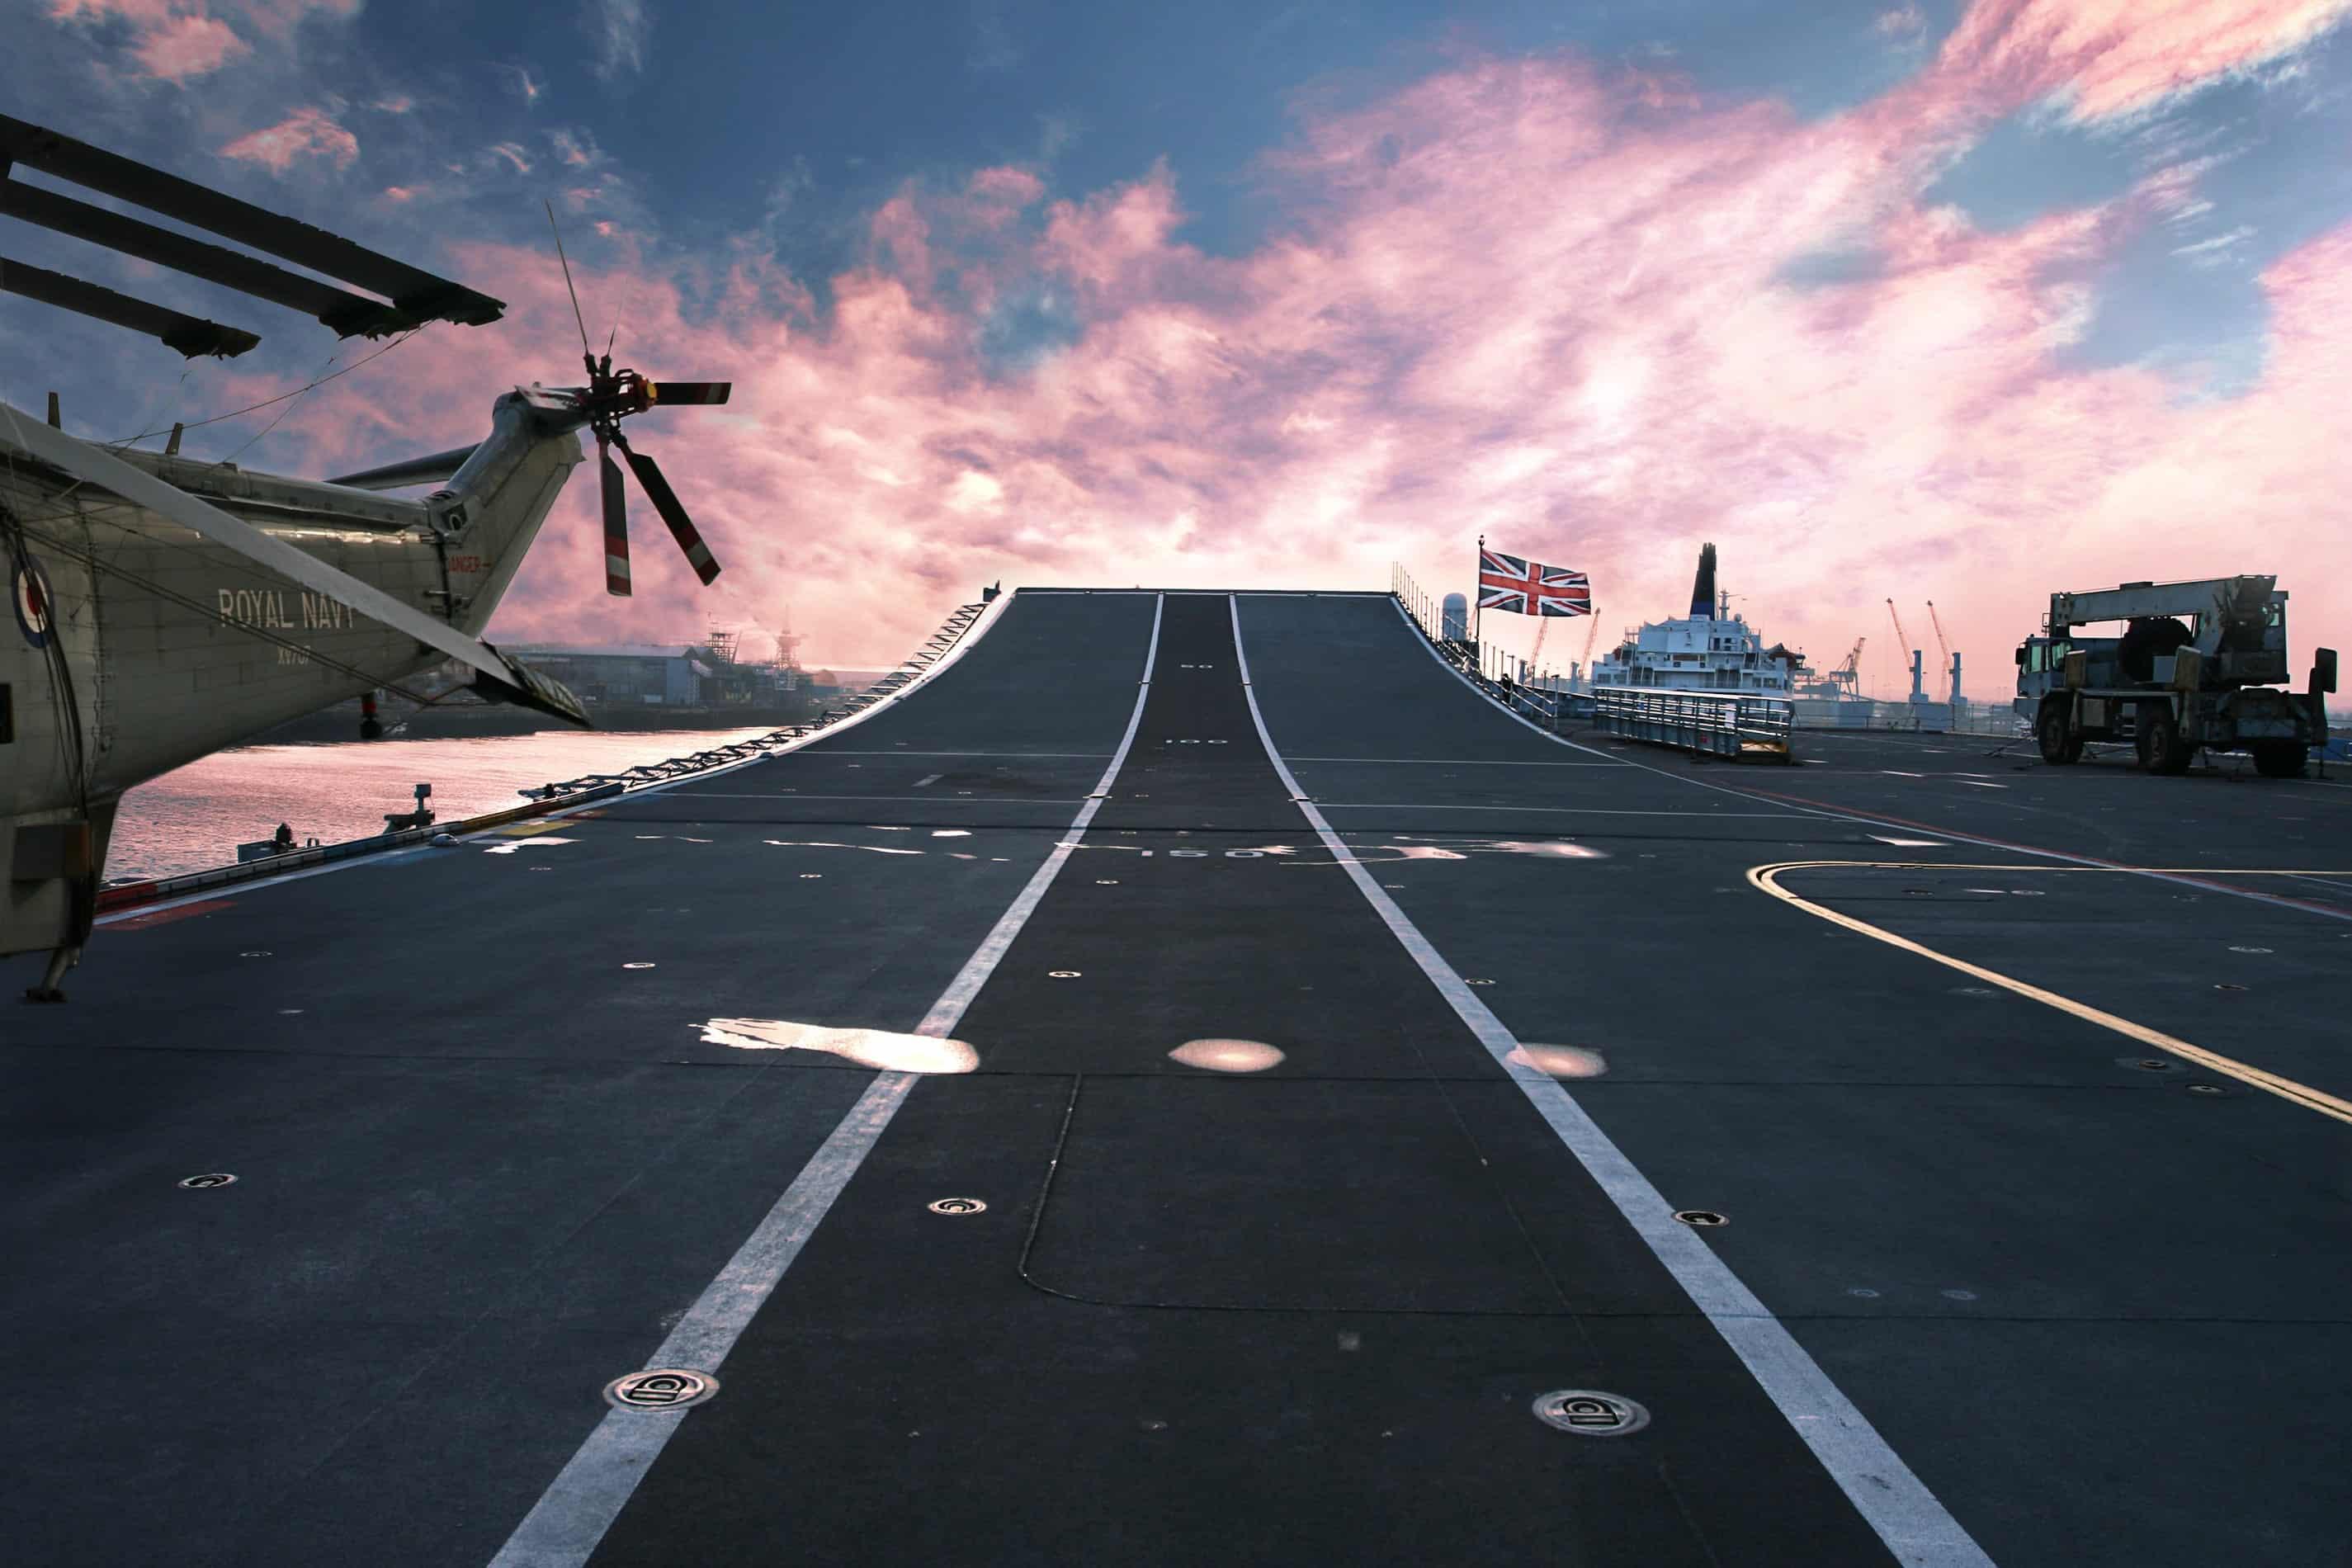 UK Royal Navy Ship Runway